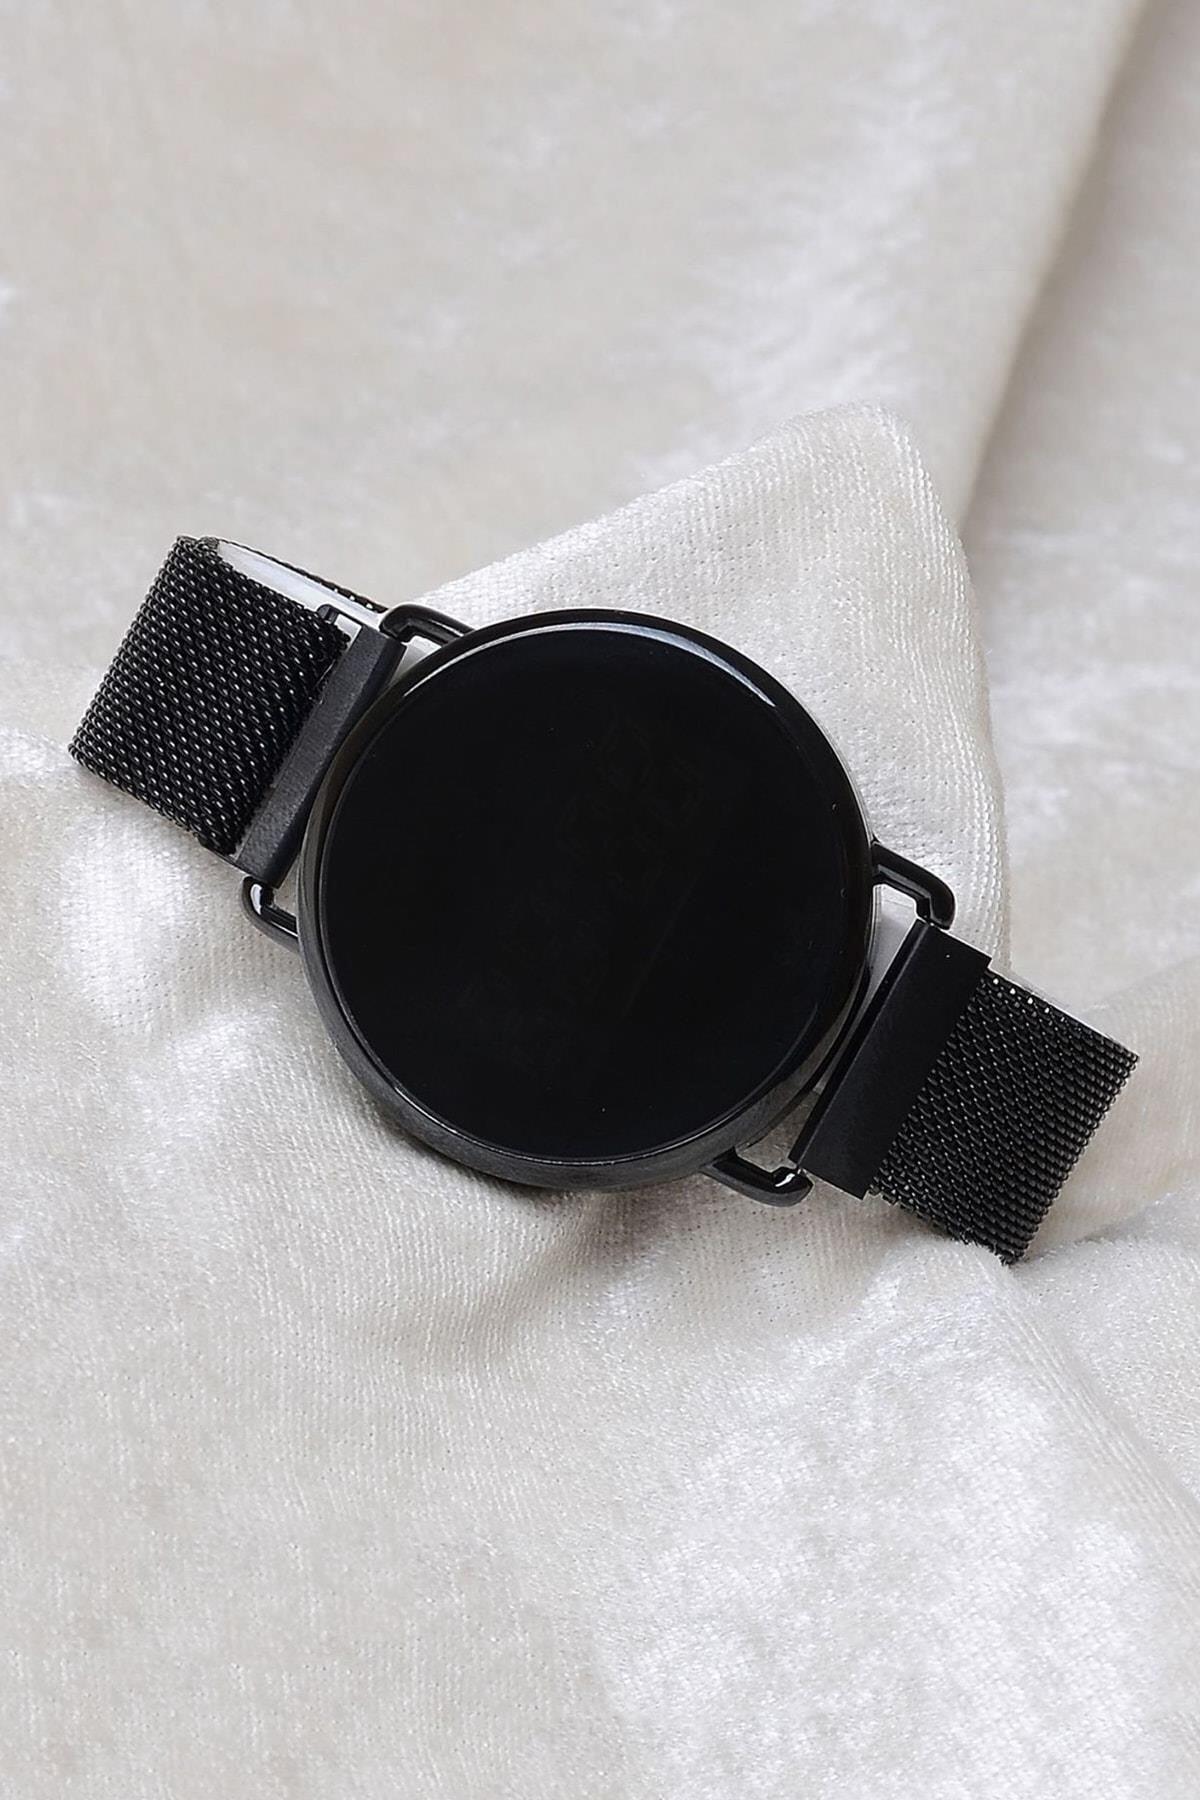 Spectrum Unisex Siyah Mıknatıslı Dokunmatik Kol Saati XT250131 1